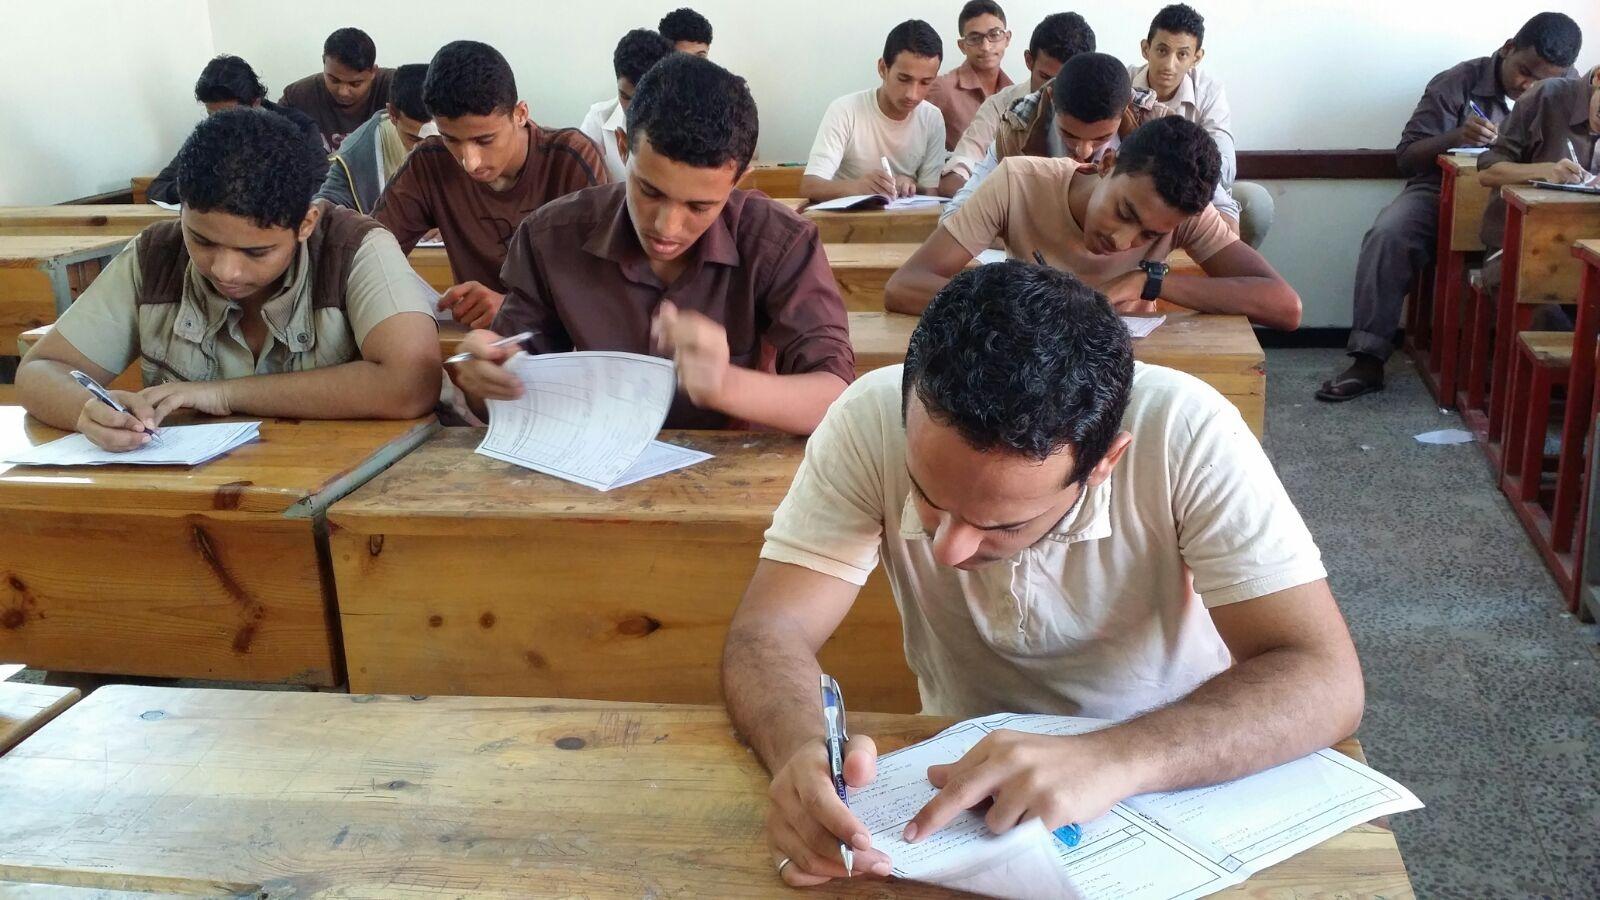 بدء امتحان الرياضيات للصف الأول الثانوي 2019